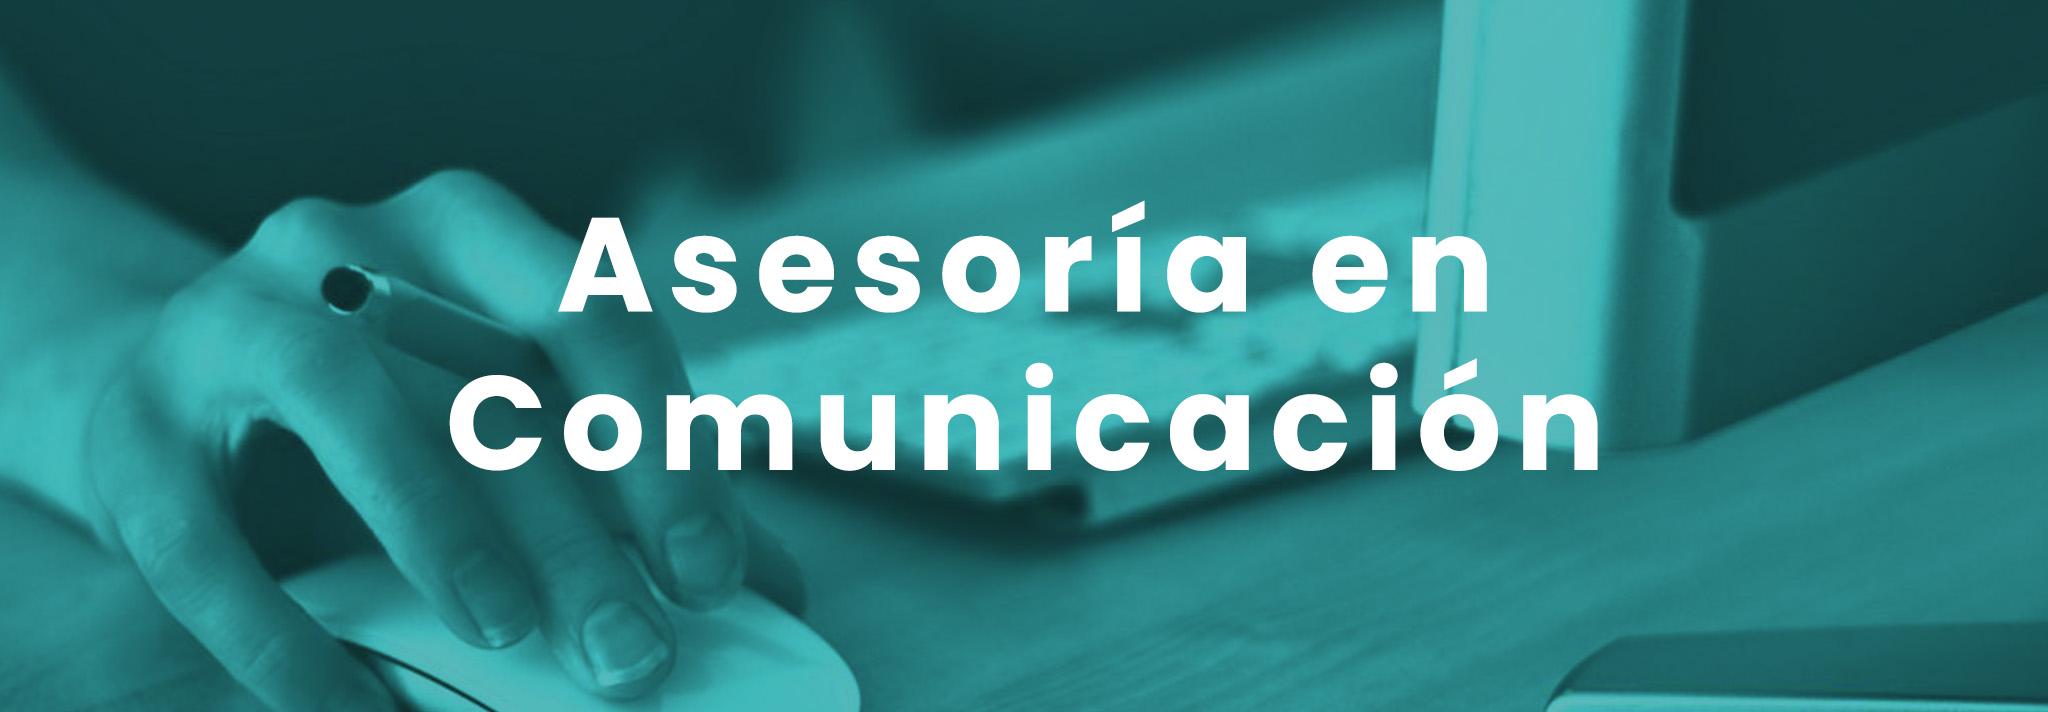 Asesoría en Comunicación